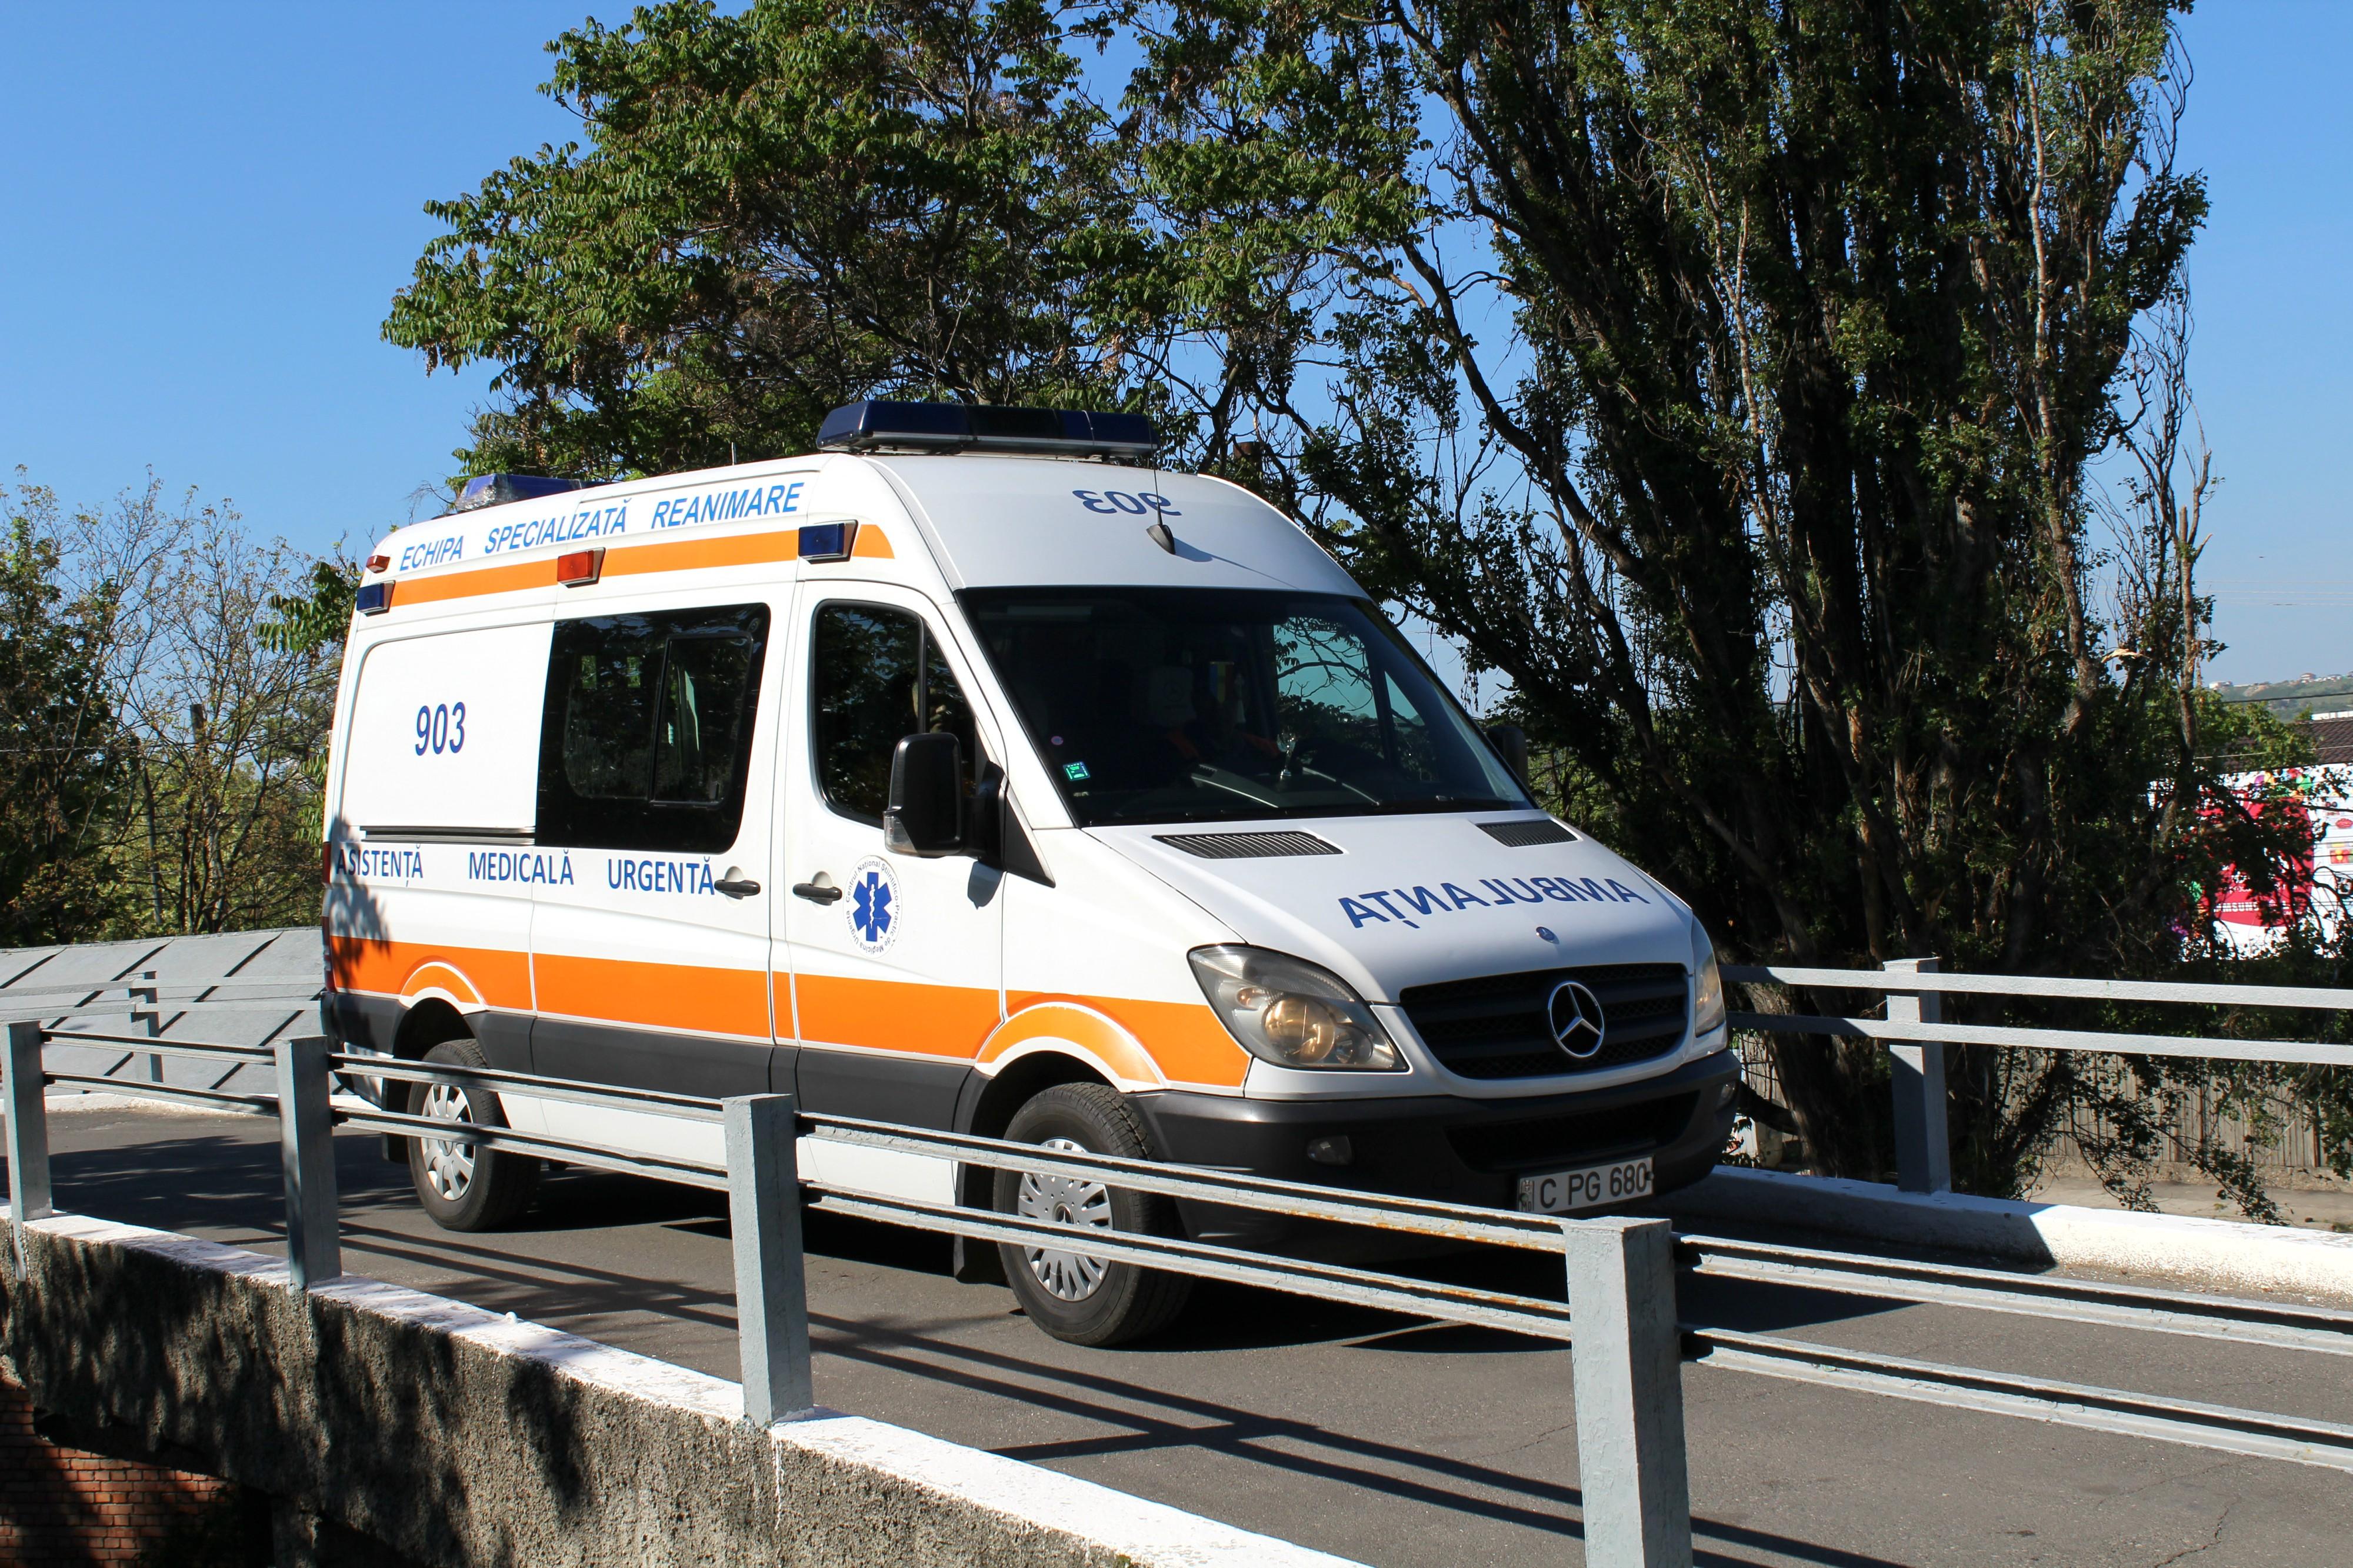 Unsprezece persoane au fost implicate într-un accident rutier din capitală